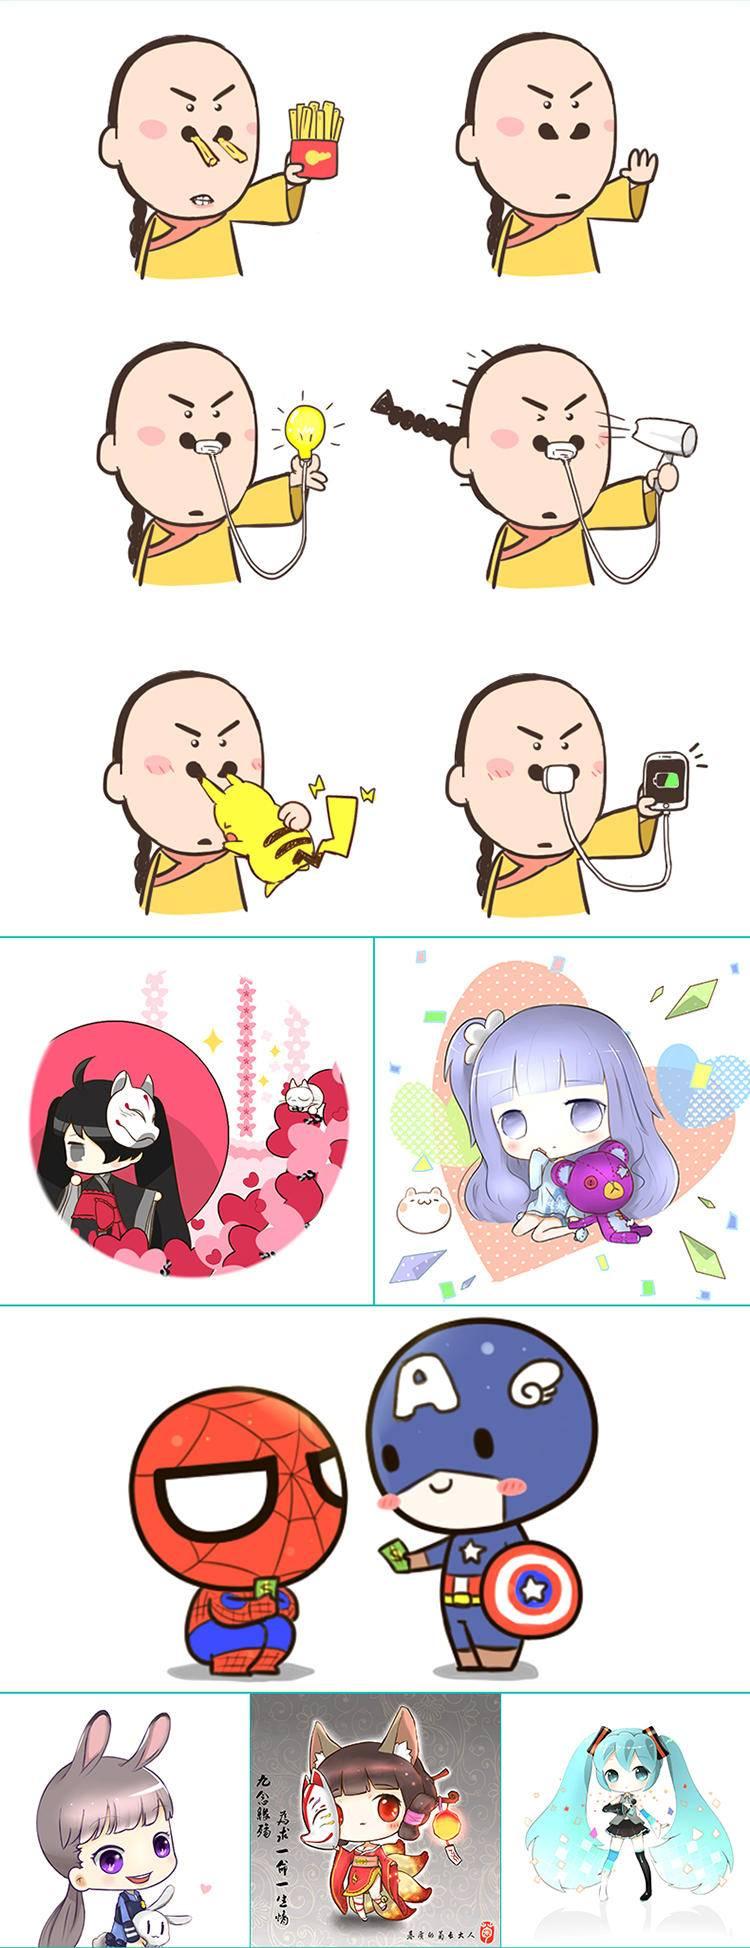 【简笔画教程】菊长大人亲授萌宠简笔画法!(sai教程)